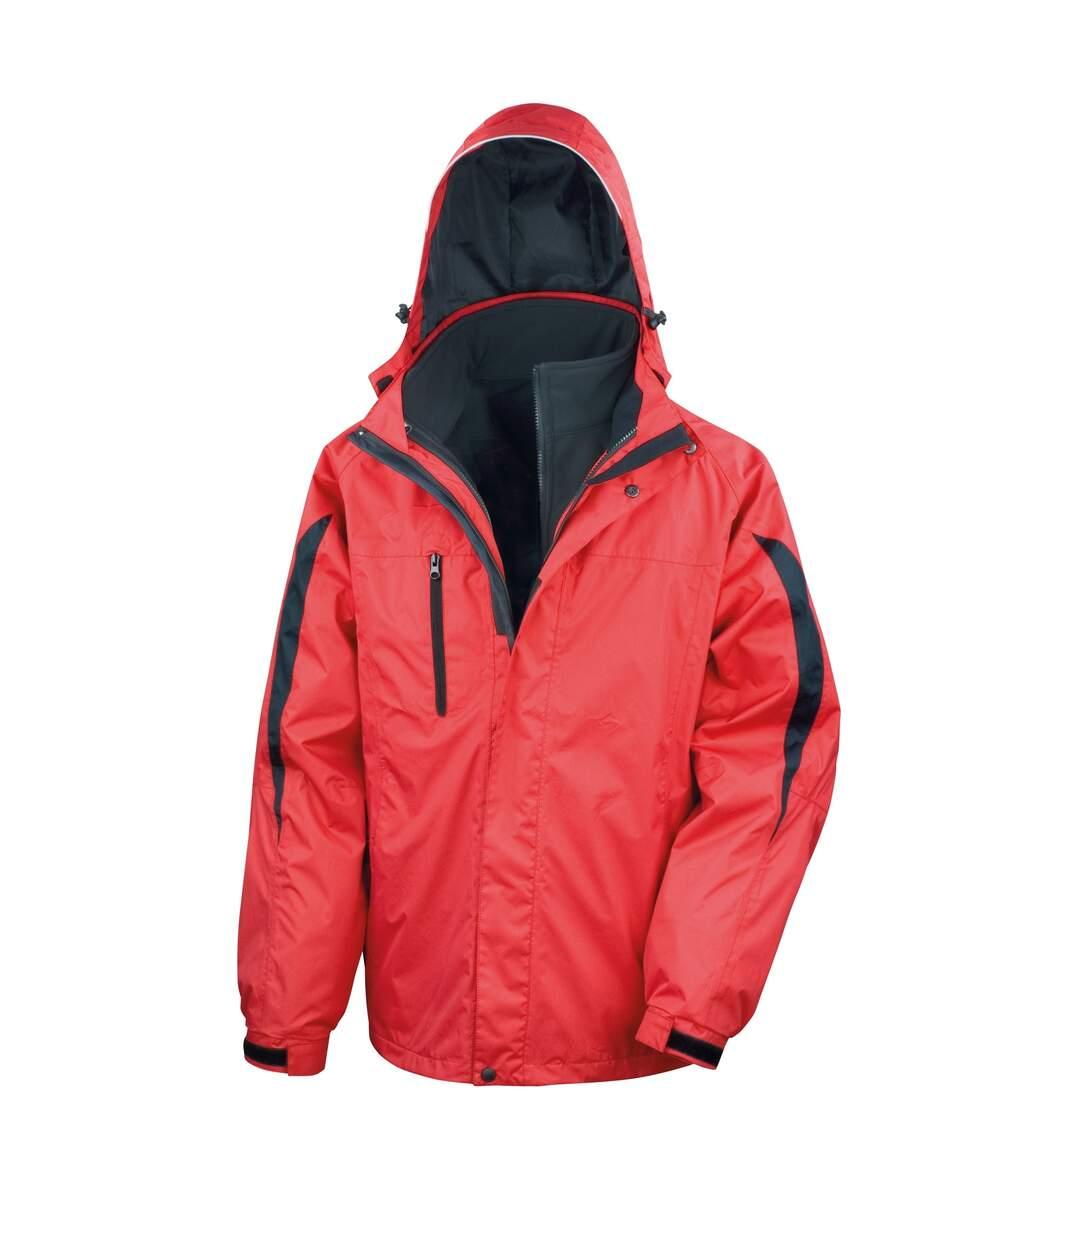 Result Mens 3 In 1 Softshell Waterproof Journey Jacket With Hood (Red / Black) - UTRW3694